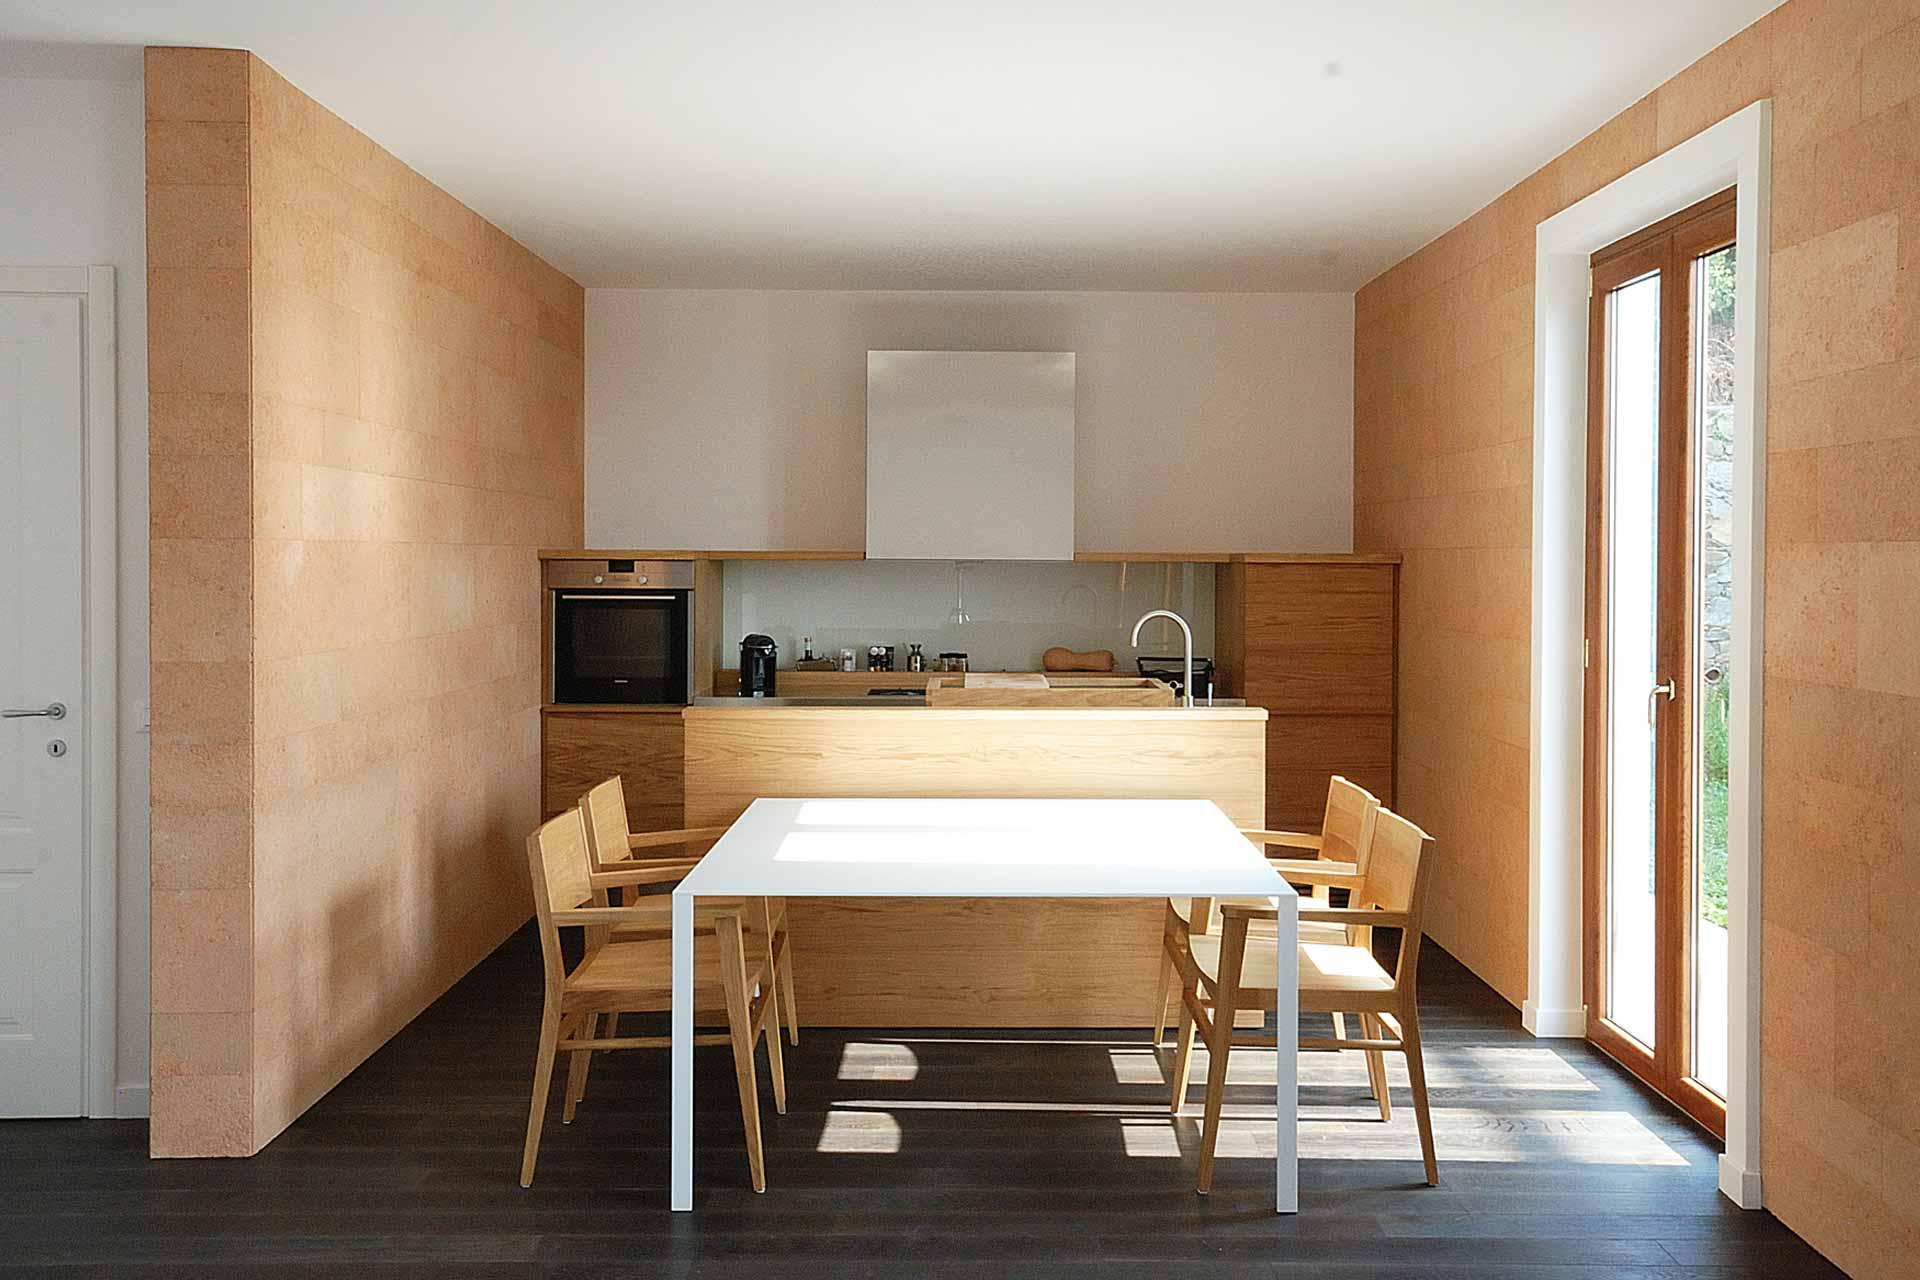 Una casa naturale nella riviera ligure progettata dall'architetto di interni Roberto Silvestri